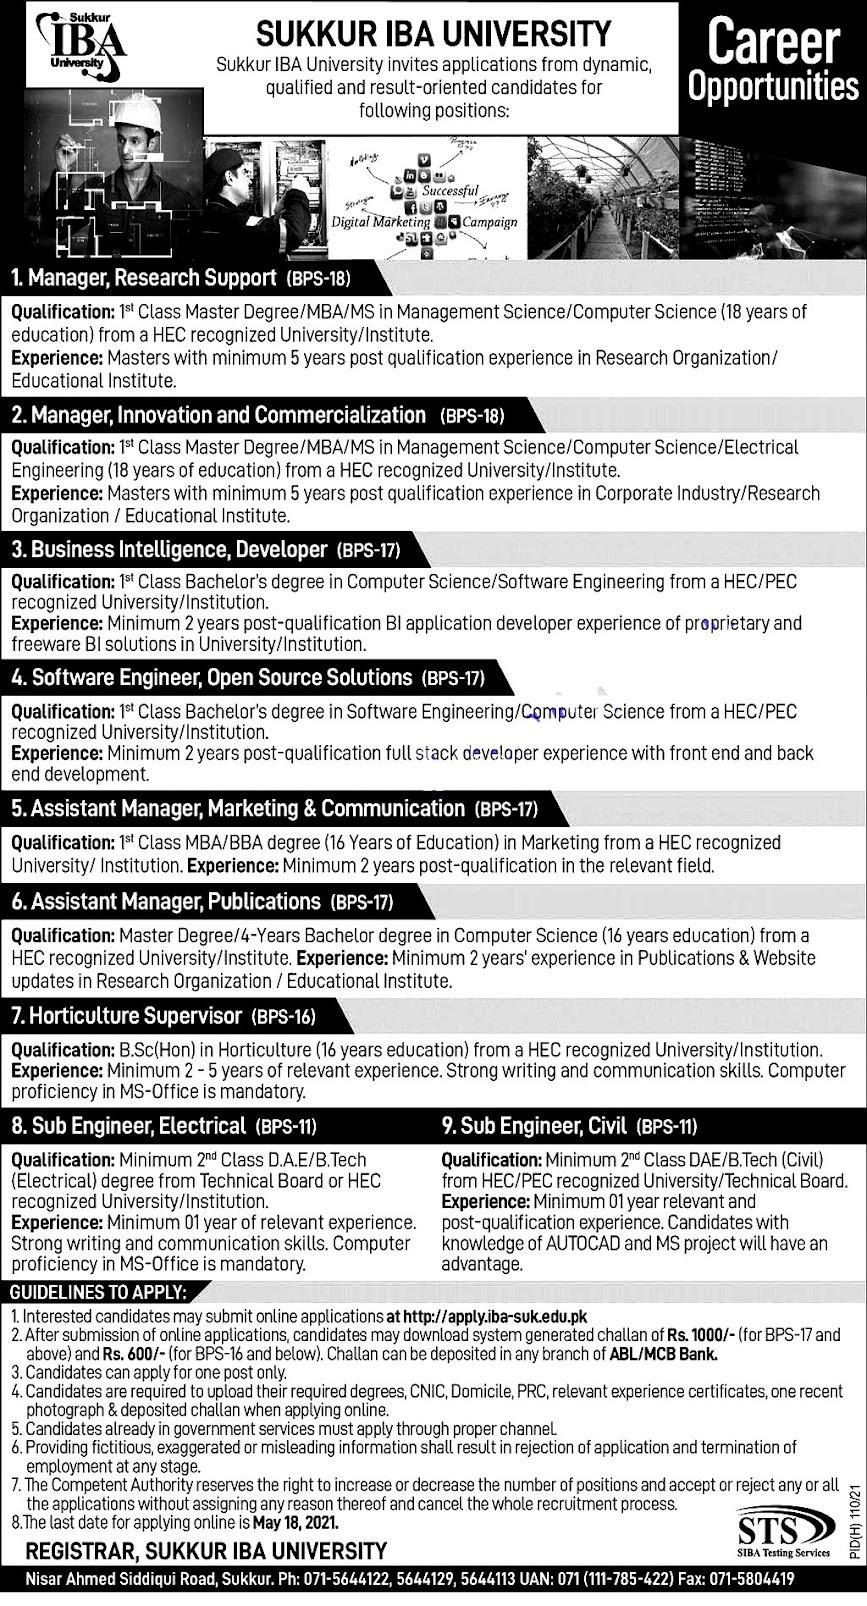 Latest Jobs in Sukkur IBA University 2021